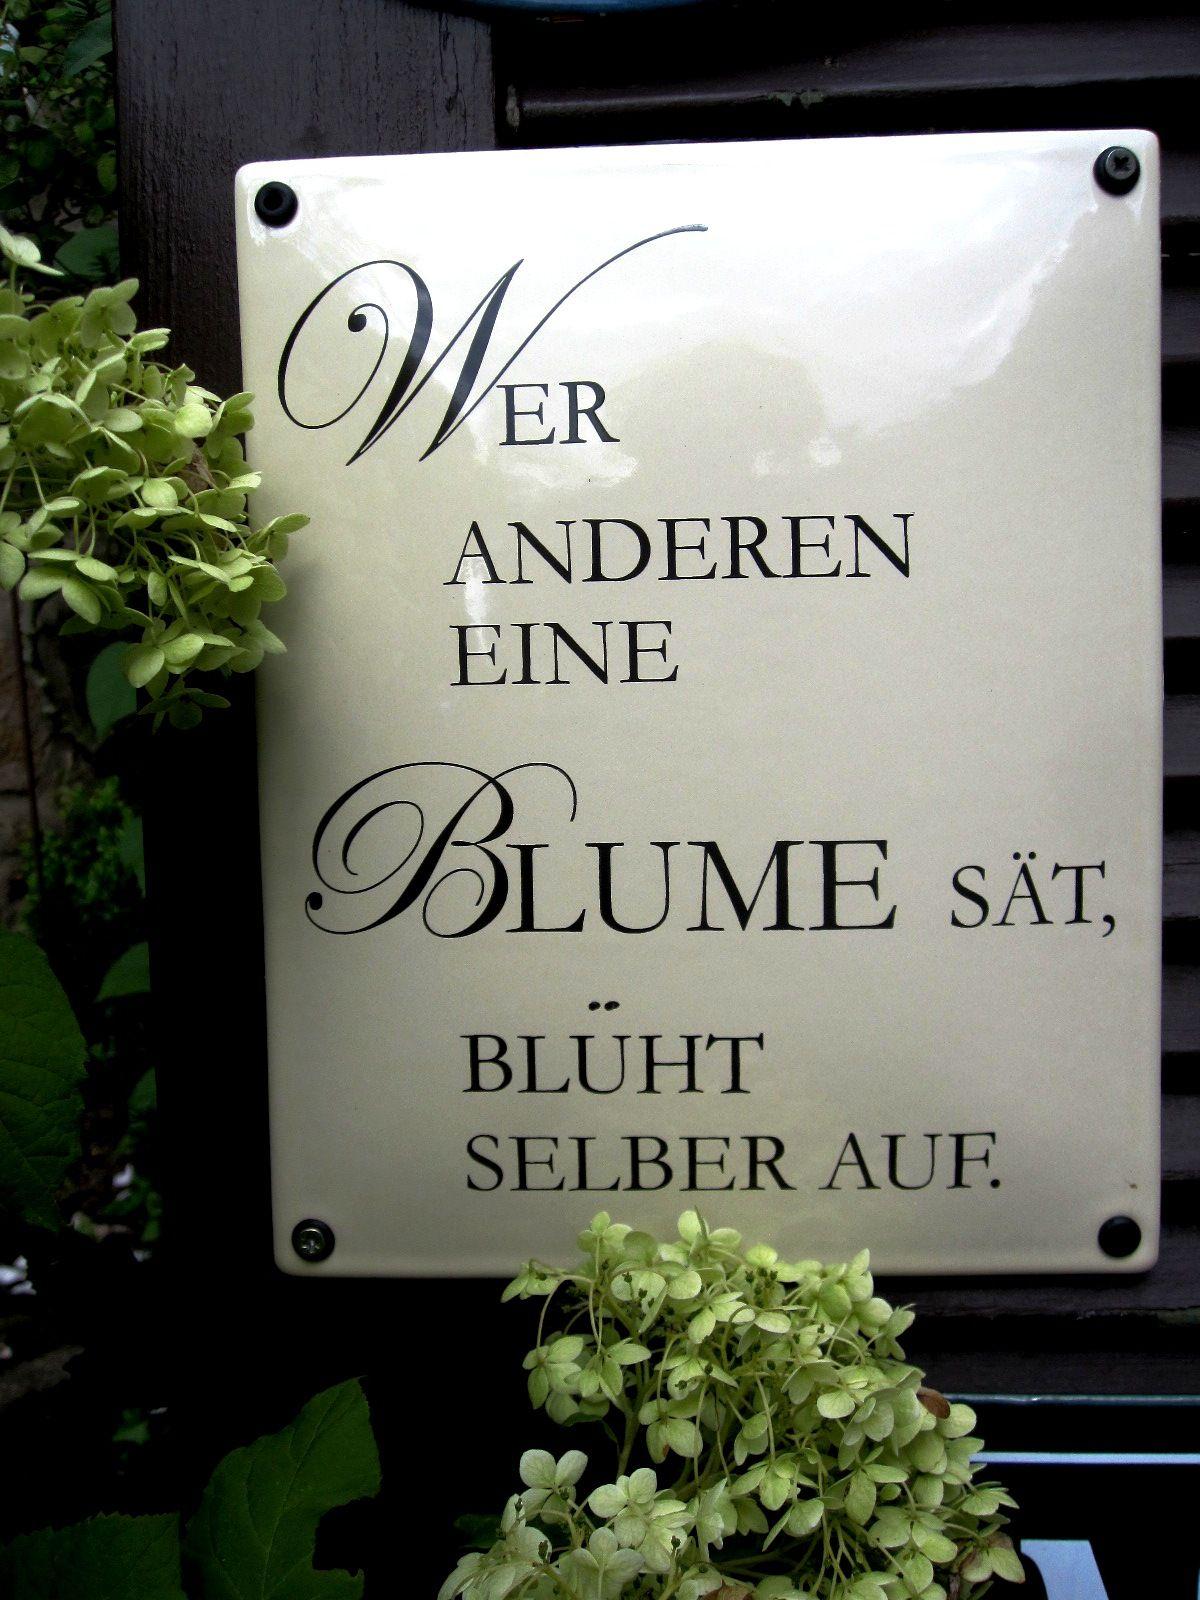 sprüche für den garten Edles Spruchschild   eine großartige Ganzjahreszier im Garten  sprüche für den garten